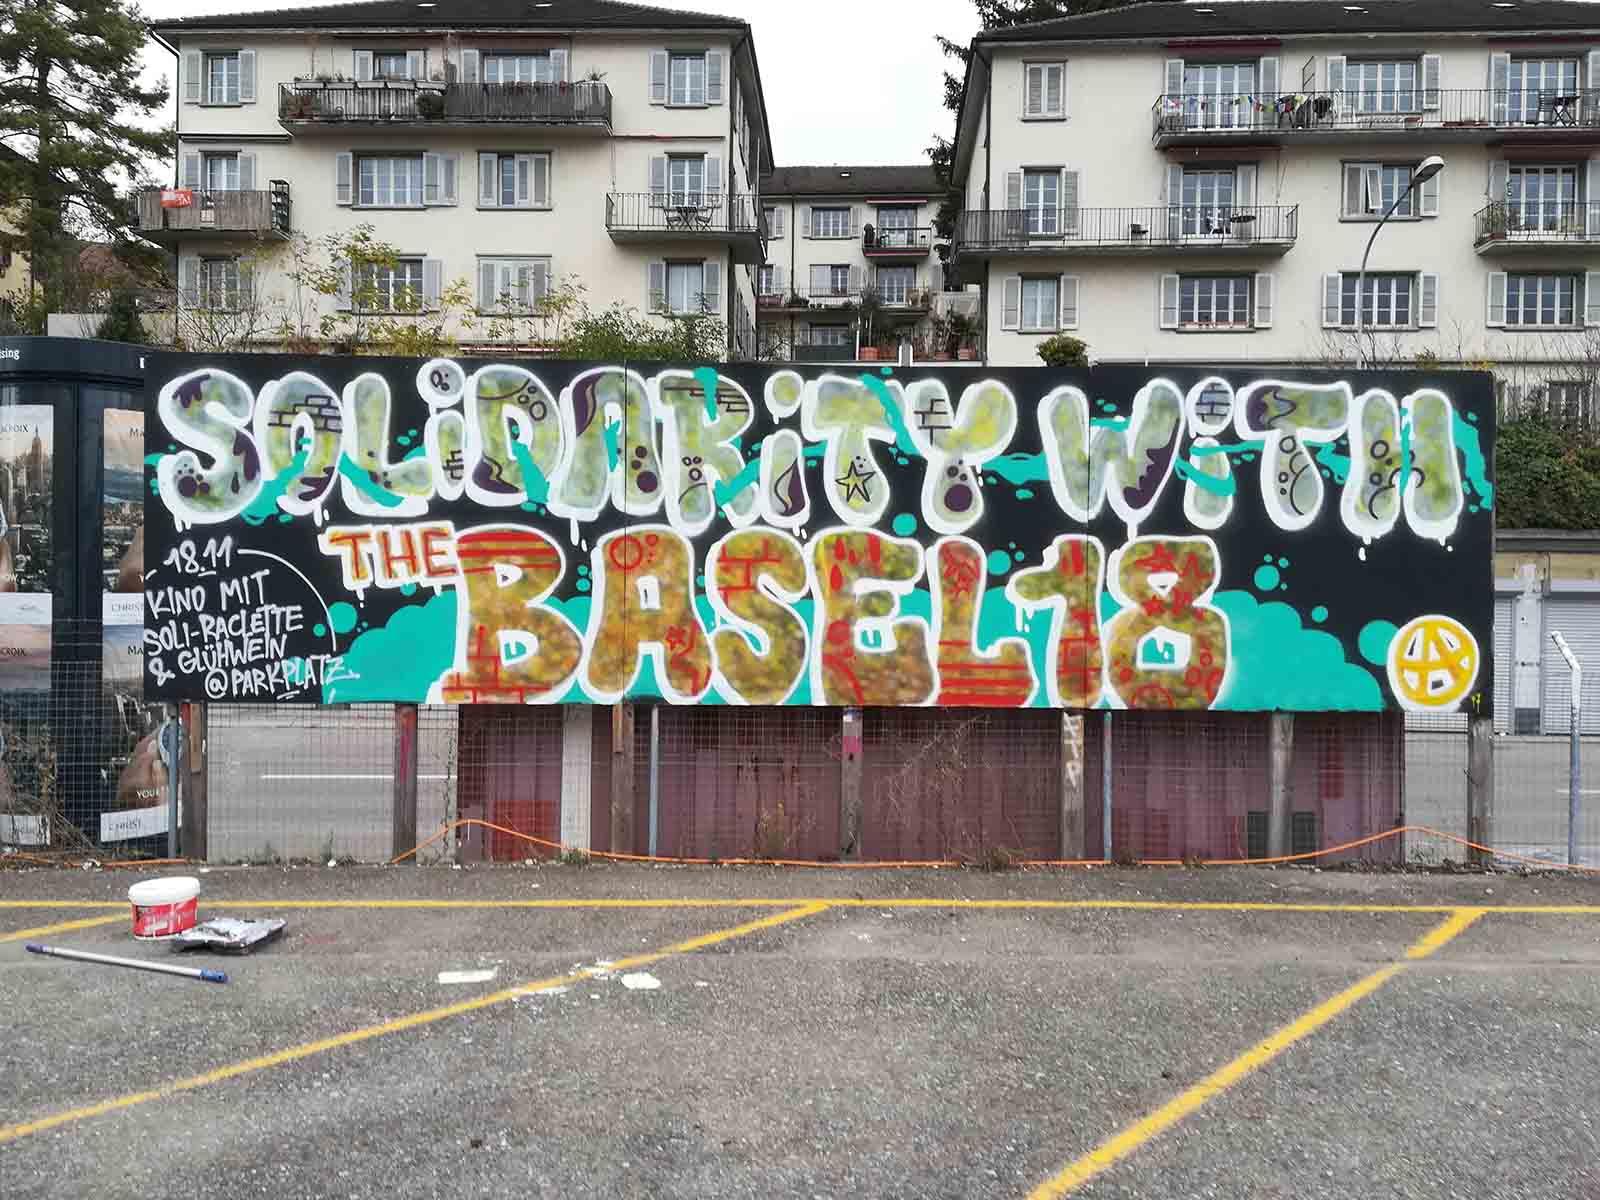 Solidarität mit Basel - der Name ist Programm. An der Filmvorführung von Hamburger Gitter nahmen 100 Personen teil.